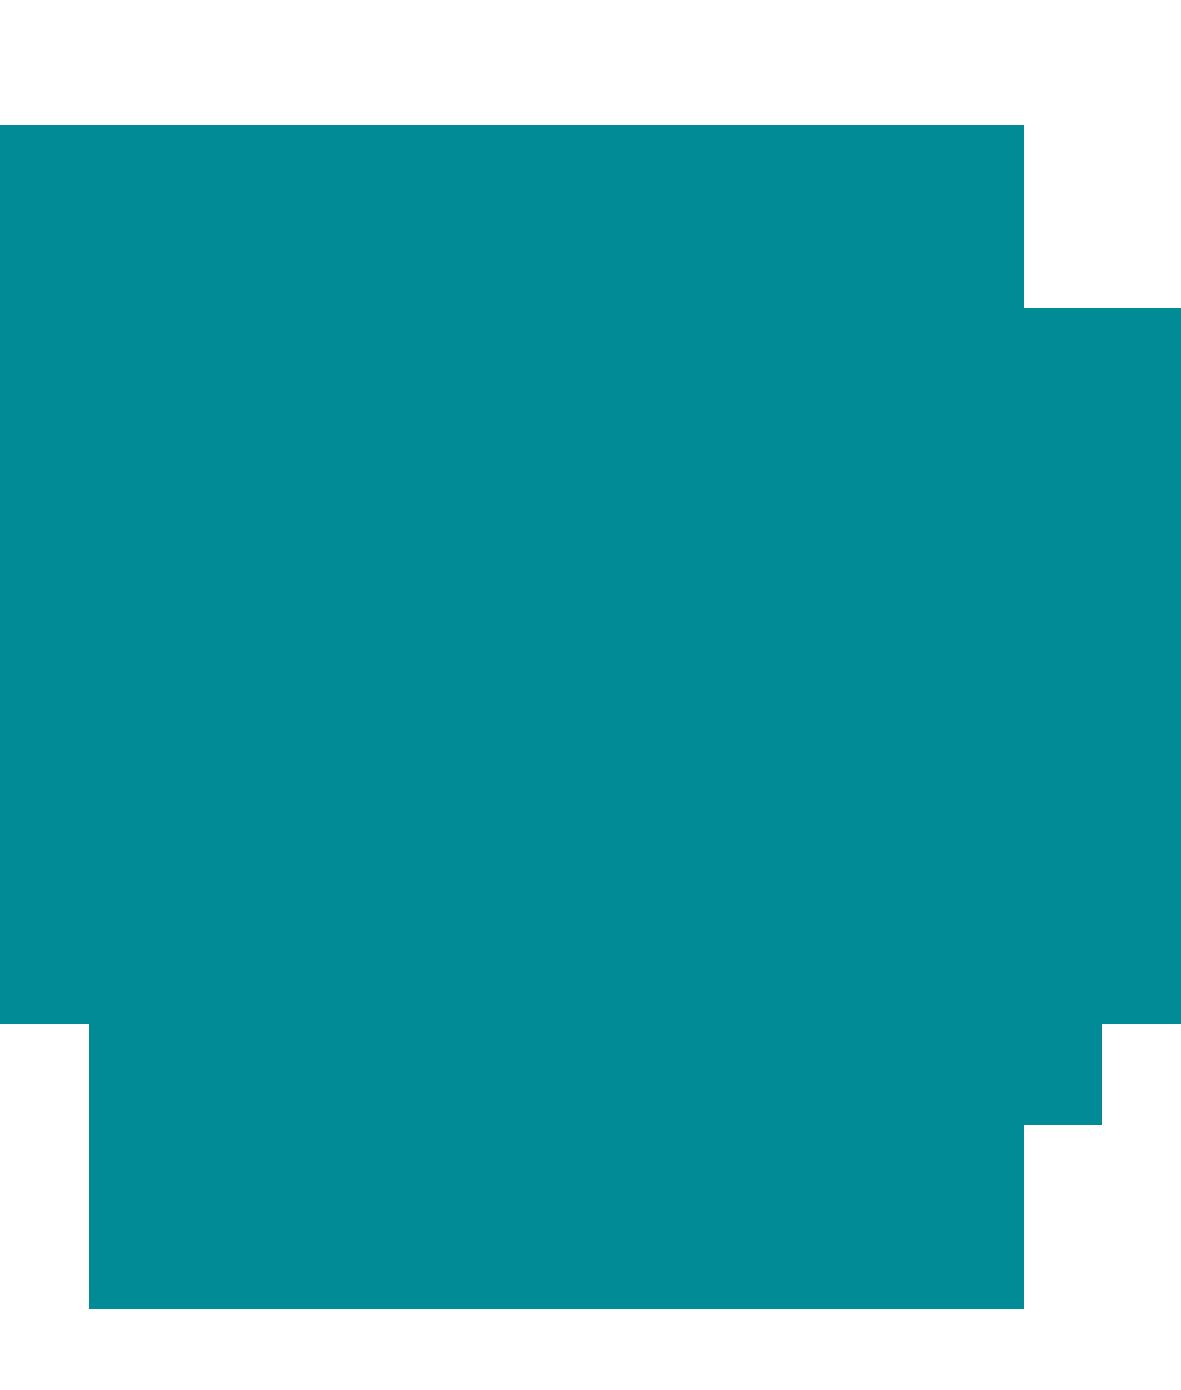 cityplotter-logo-2020-open-joke